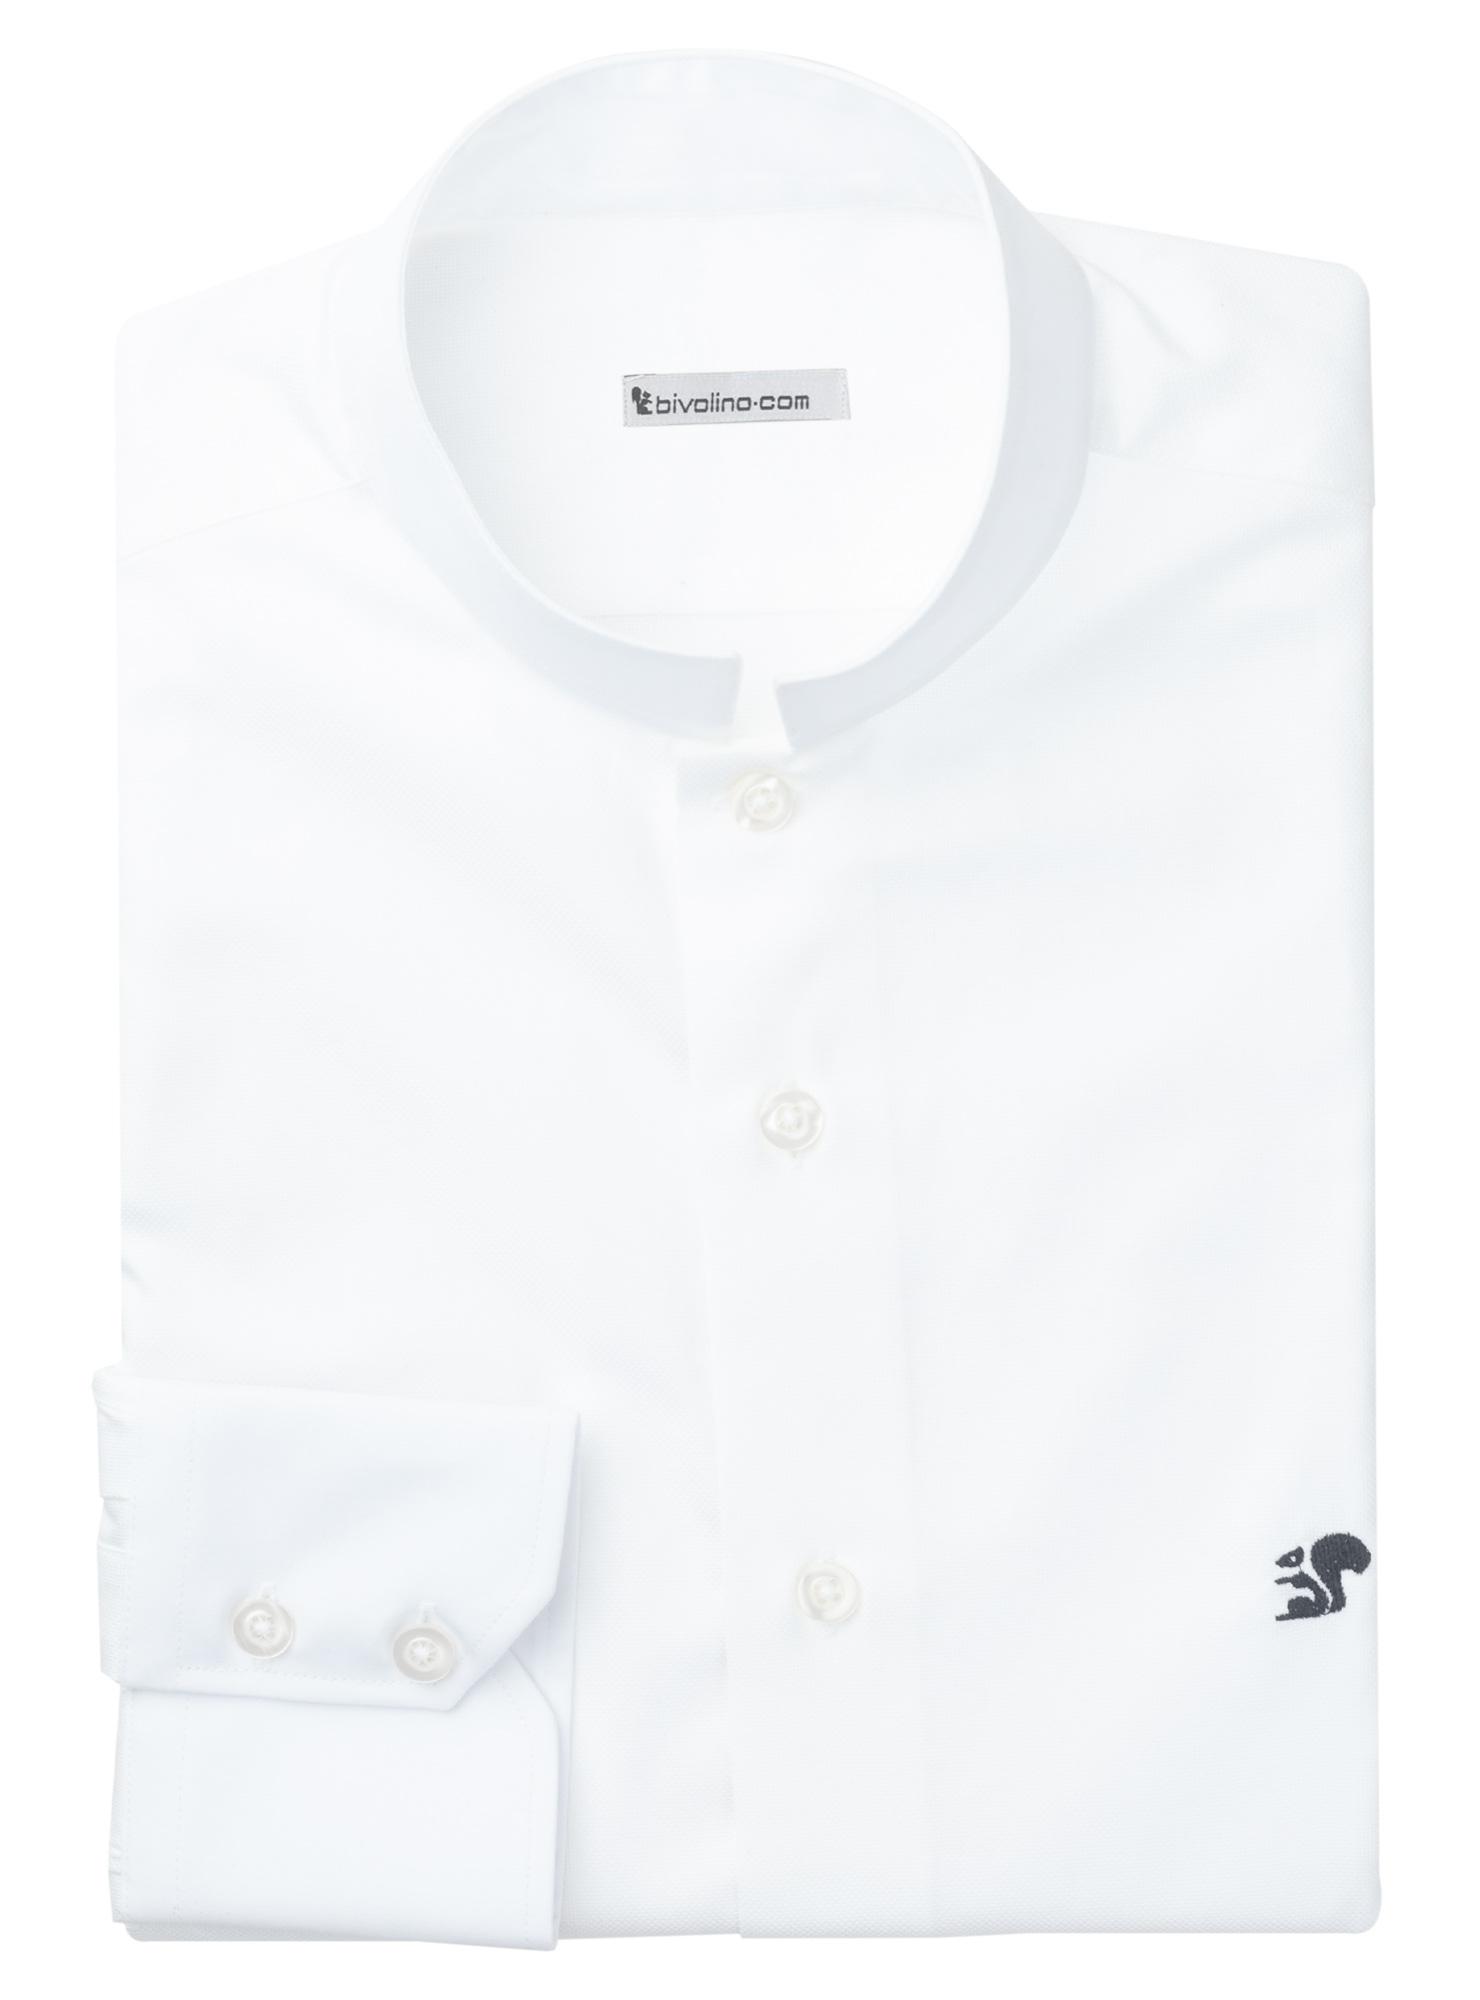 GROSSETO - LABA CLIFTON camisa de hombre - LABA 5 CLIFTON